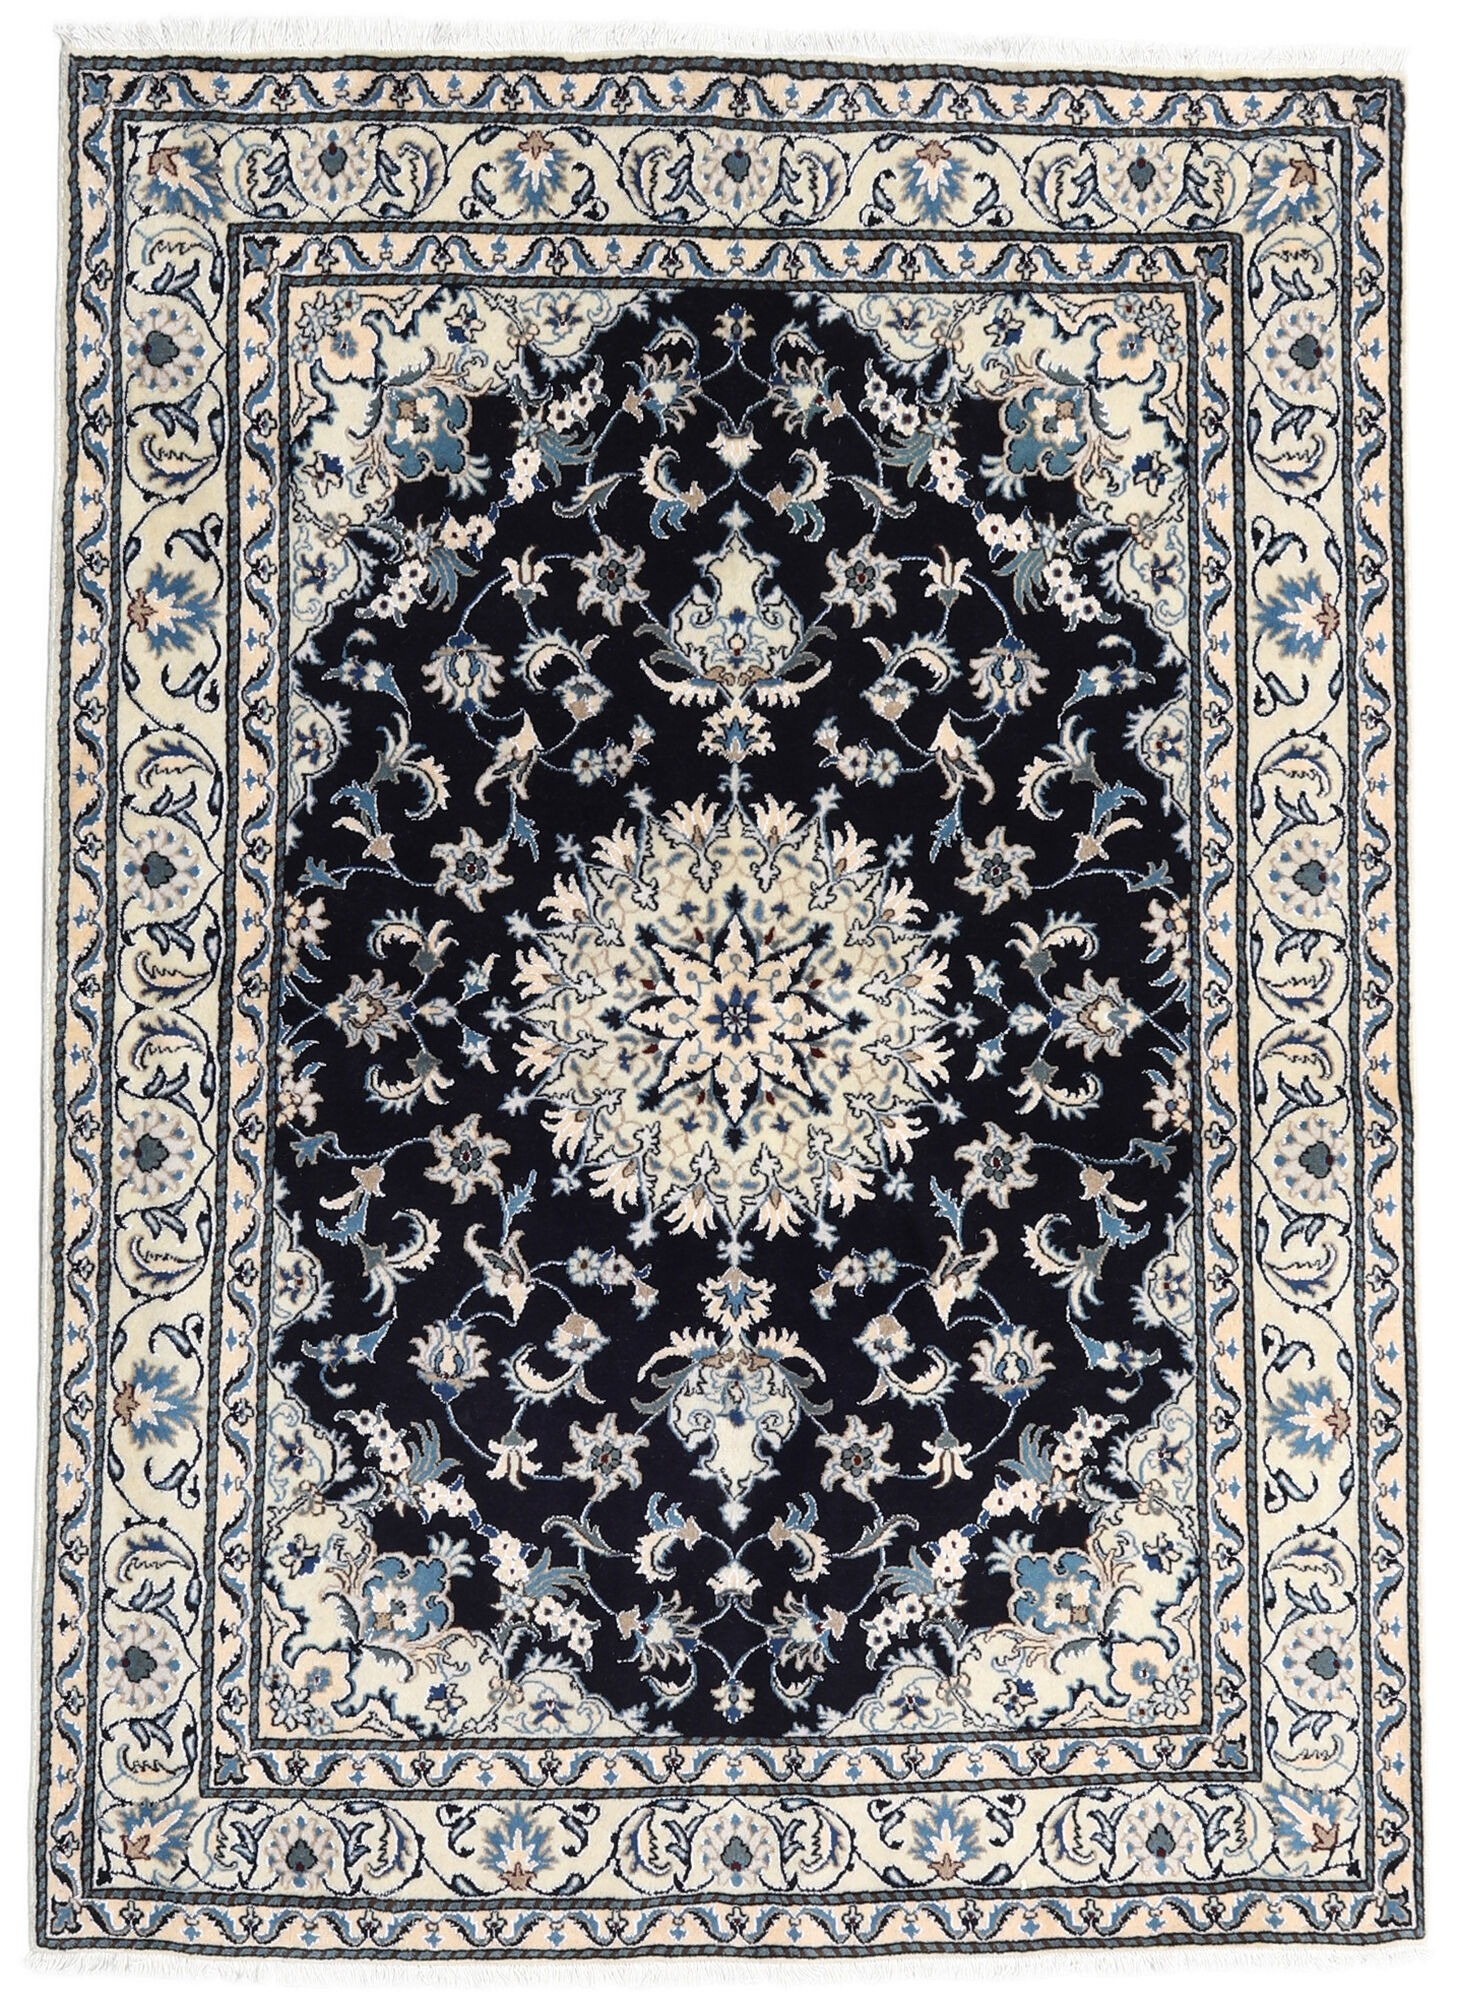 ペルシャ絨毯のおすすめ13選!玄関向けの小さいサイズも